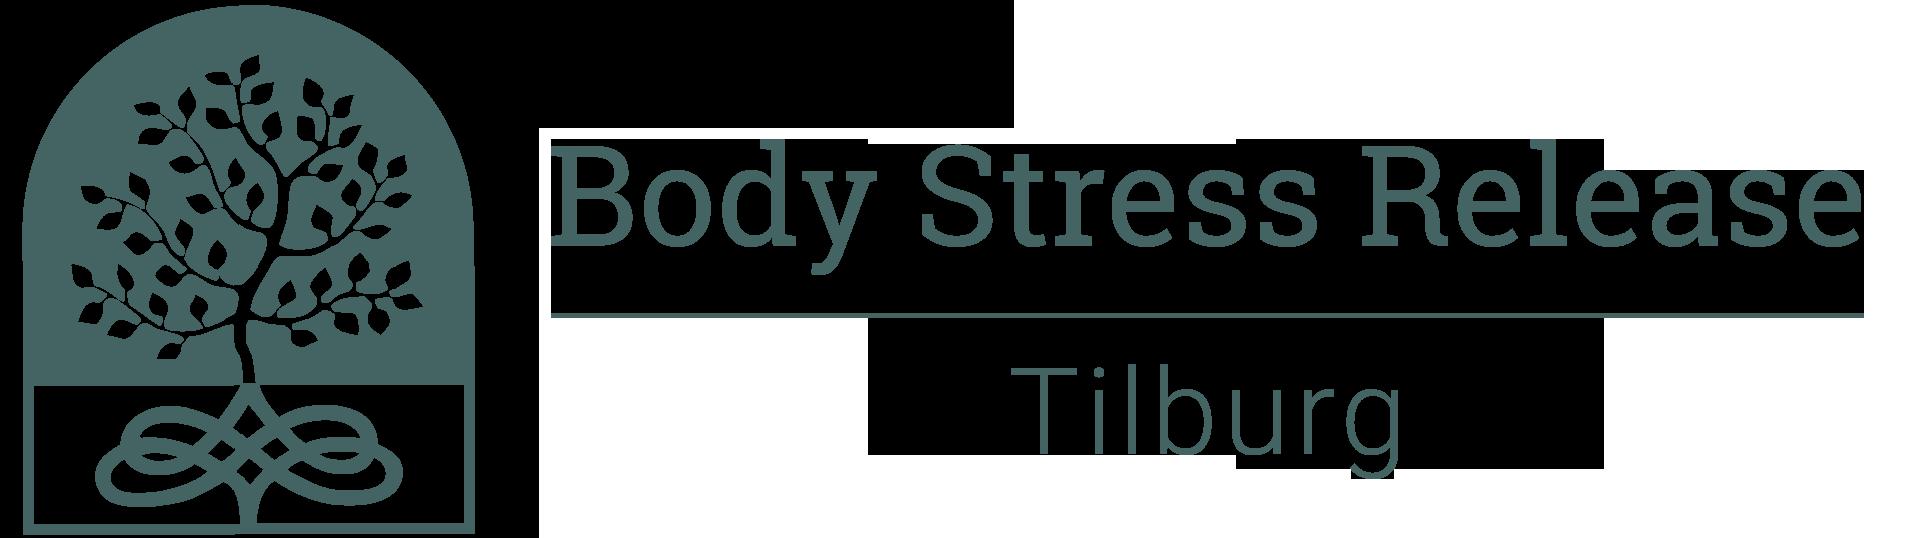 Body Stress Release Tilburg